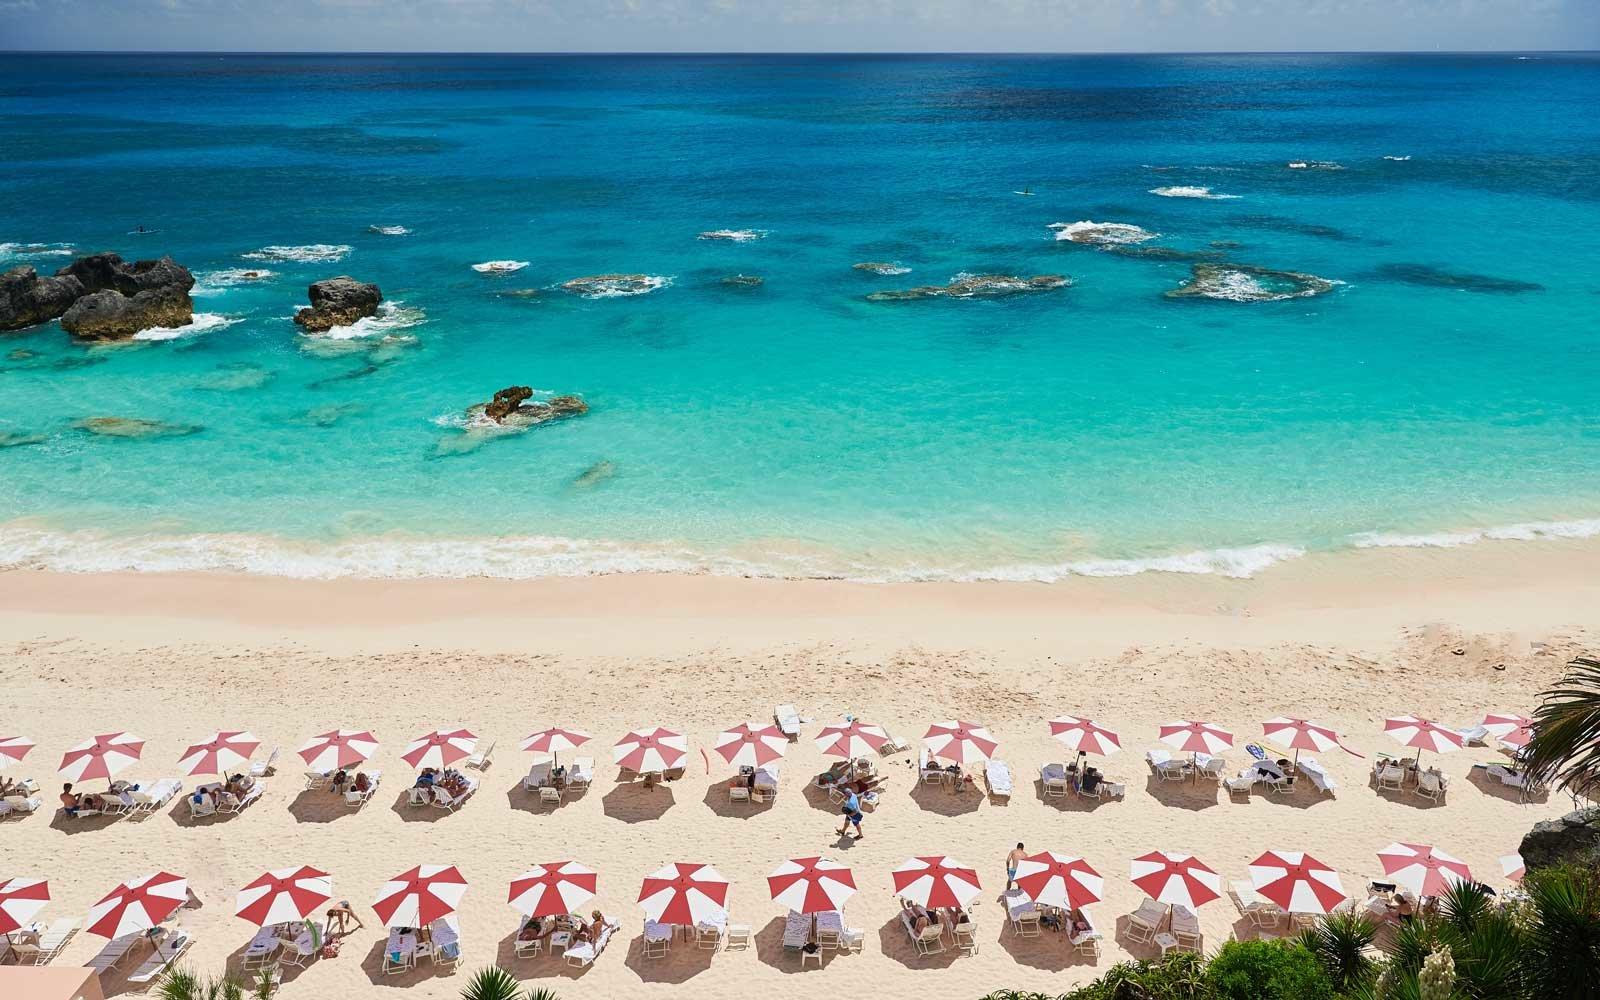 Os 25 melhores hotéis resorts no Caribe, nas Bermudas e nas Bahamas